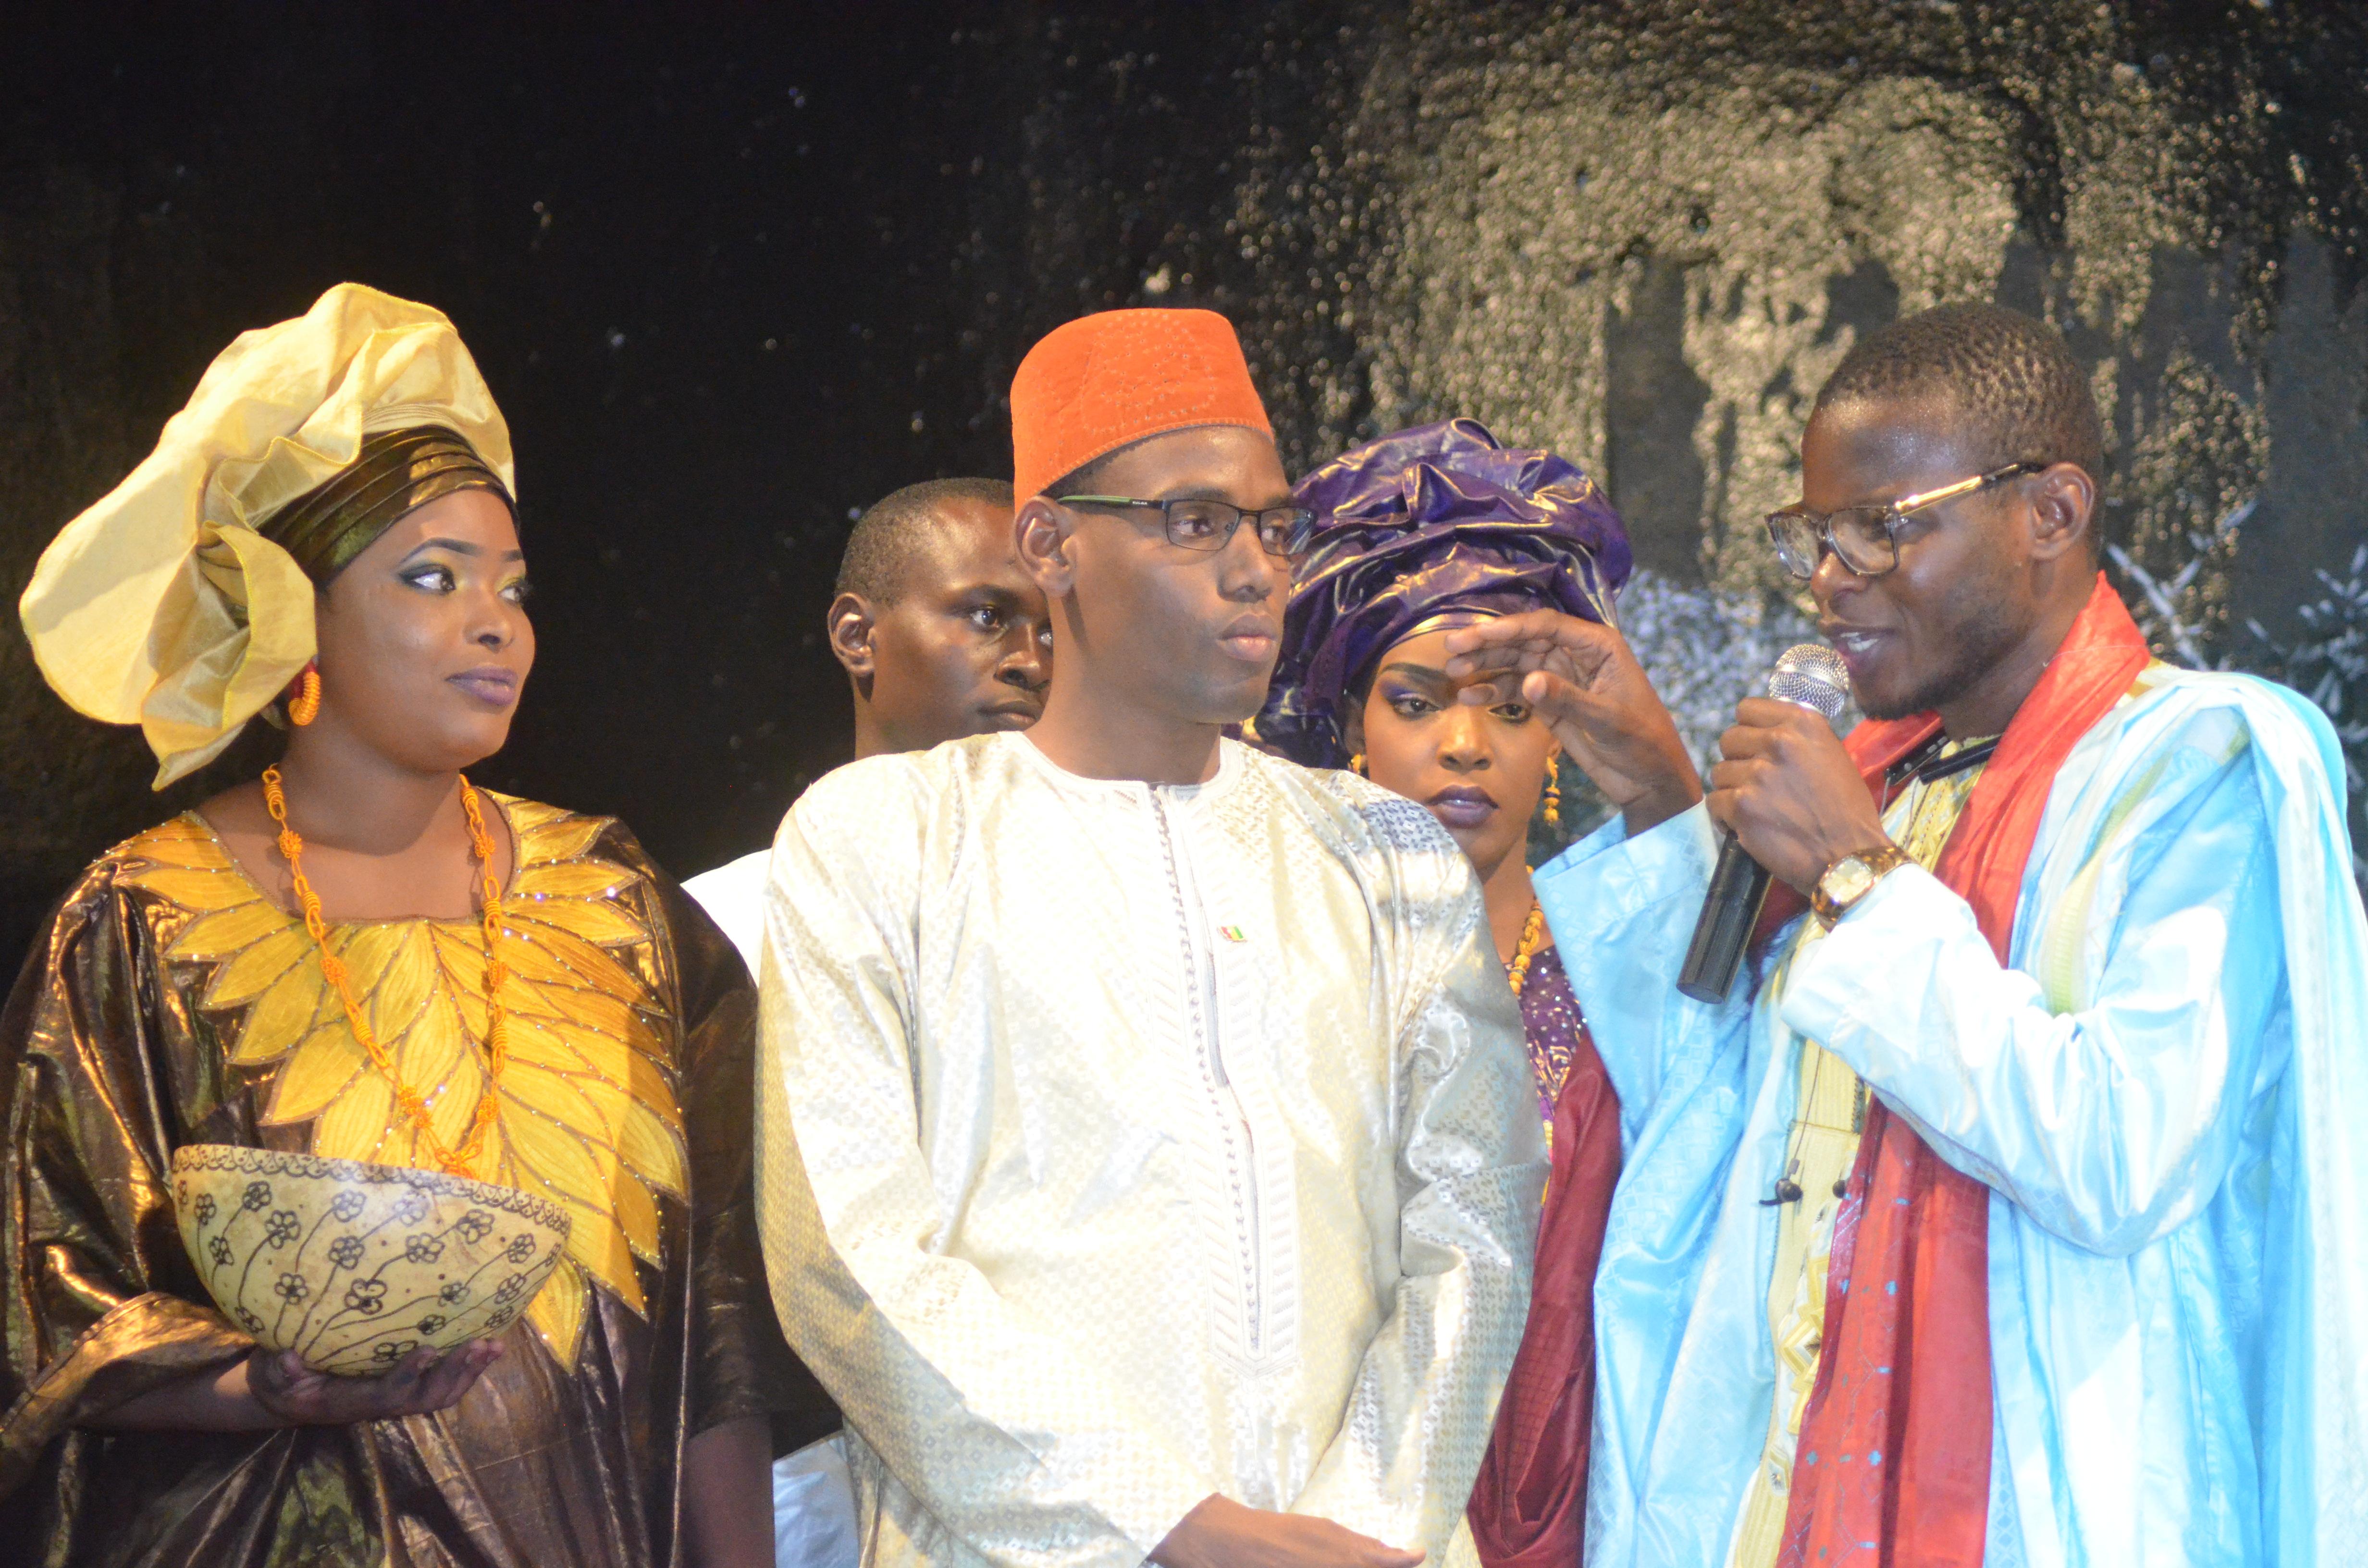 Première Edition soirée culturelle de l'Association Boyinadji Ma fierté de Bokidiawé, le parrain Bocar Abdoulaye Ly appelle à l'union des cœurs (35)